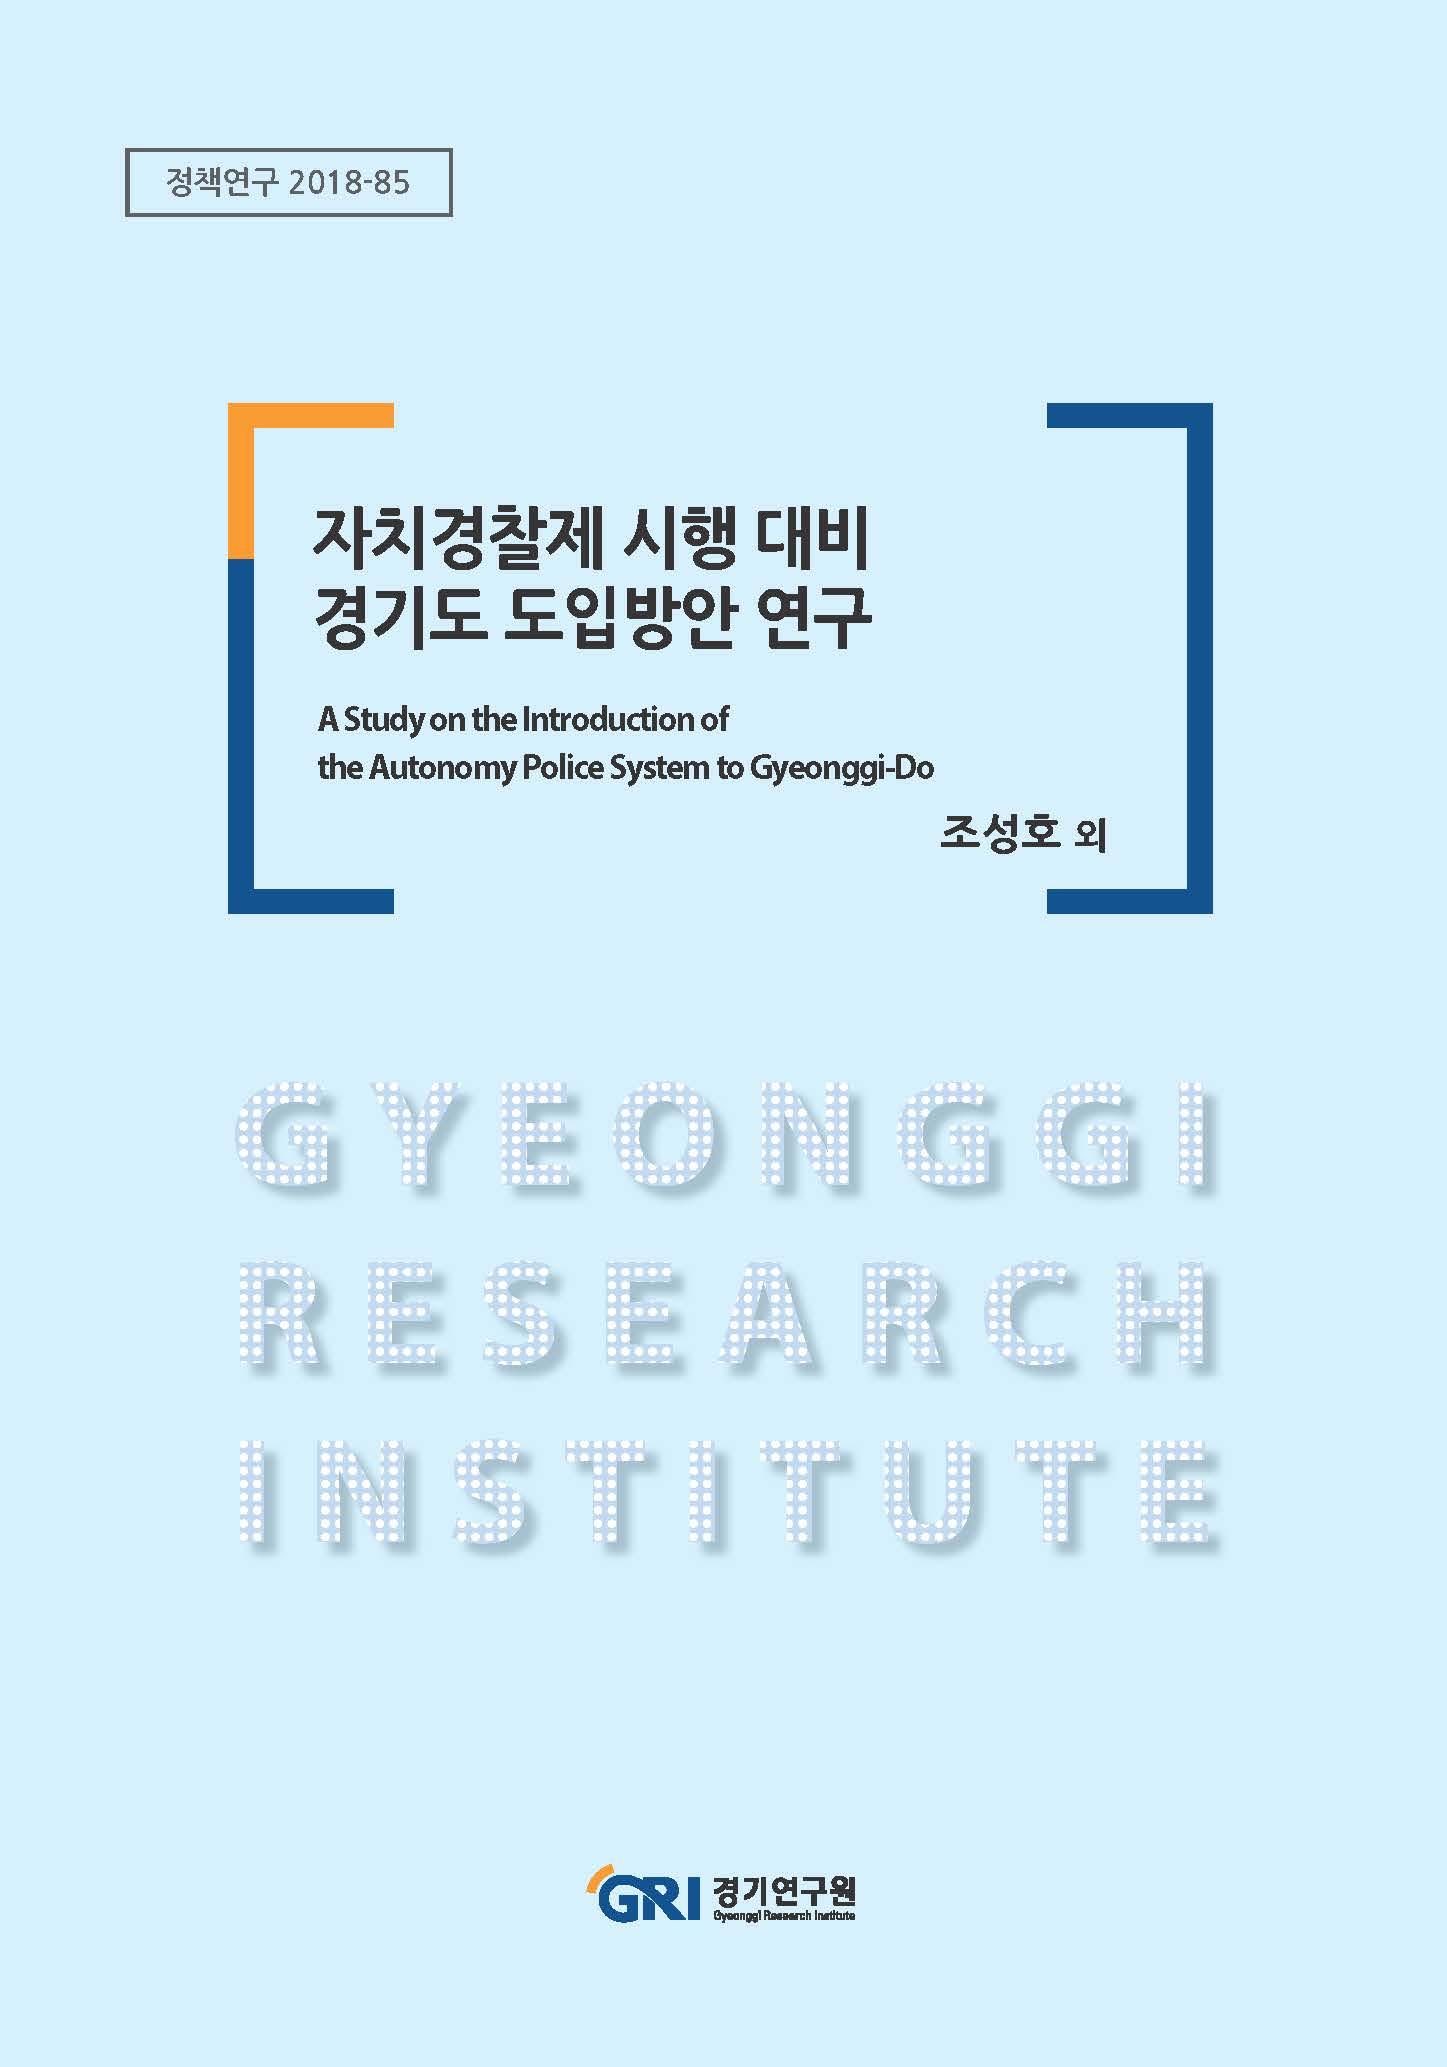 자치경찰제 시행 대비 경기도 도입방안 연구